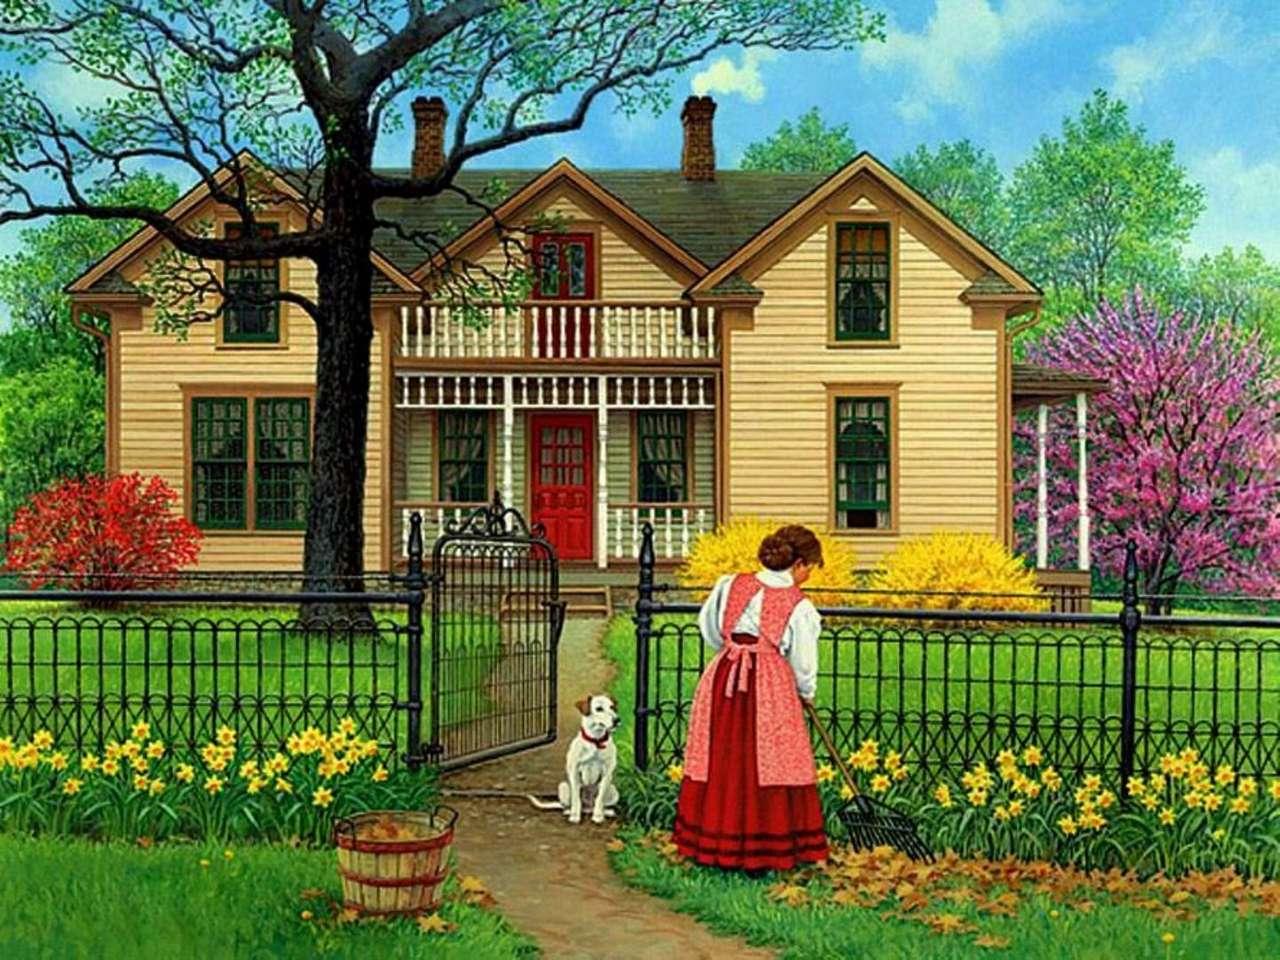 Casa com jardim (18×14)